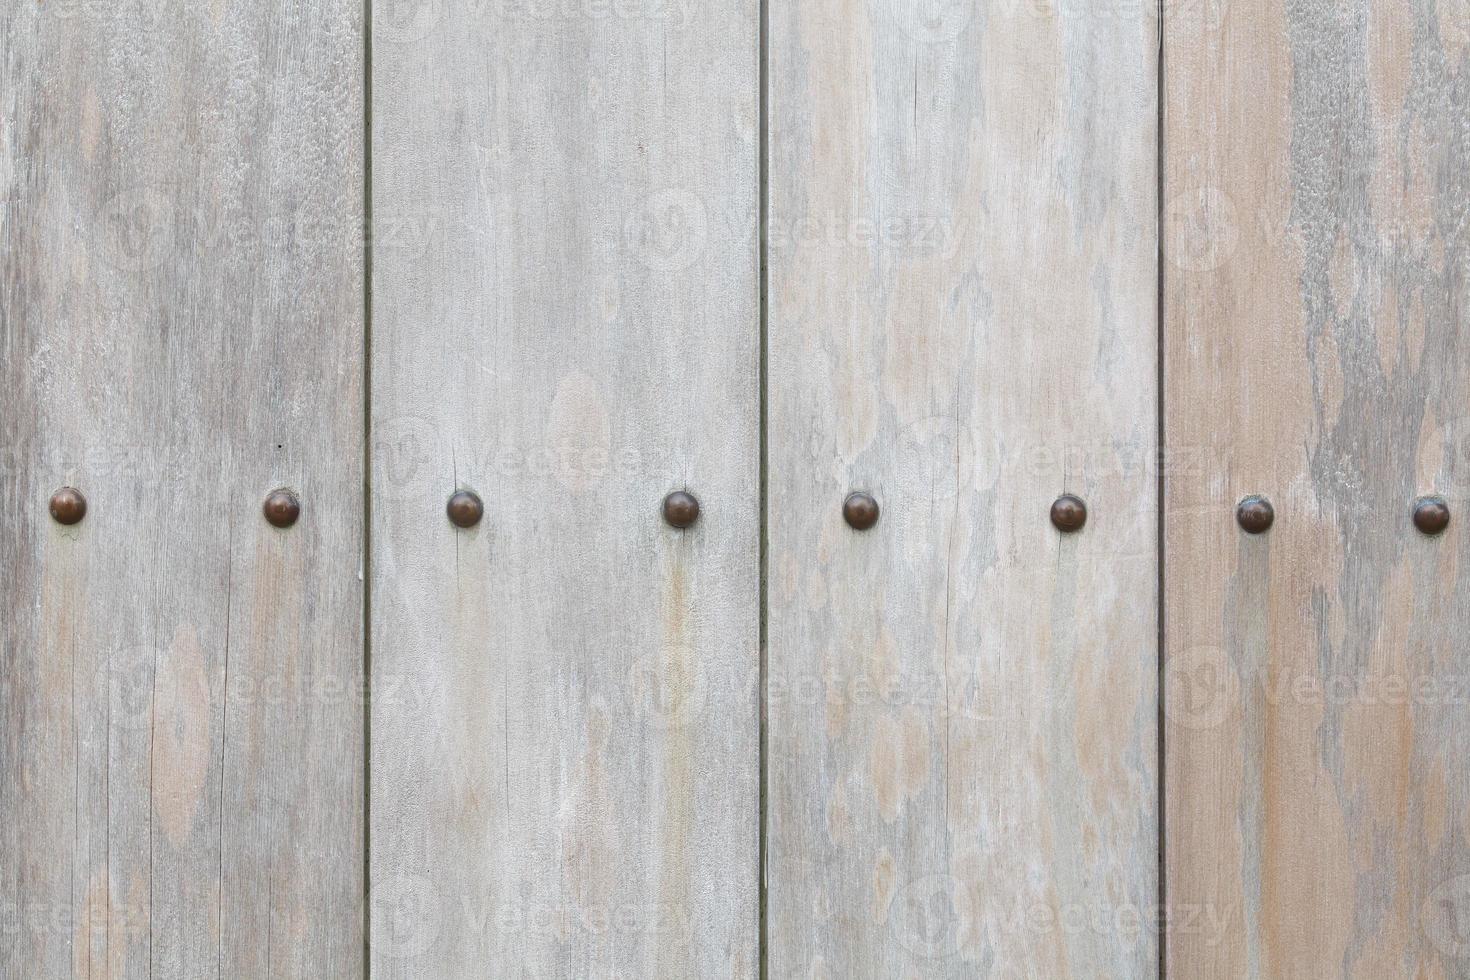 paneles de madera de grunge para el fondo foto